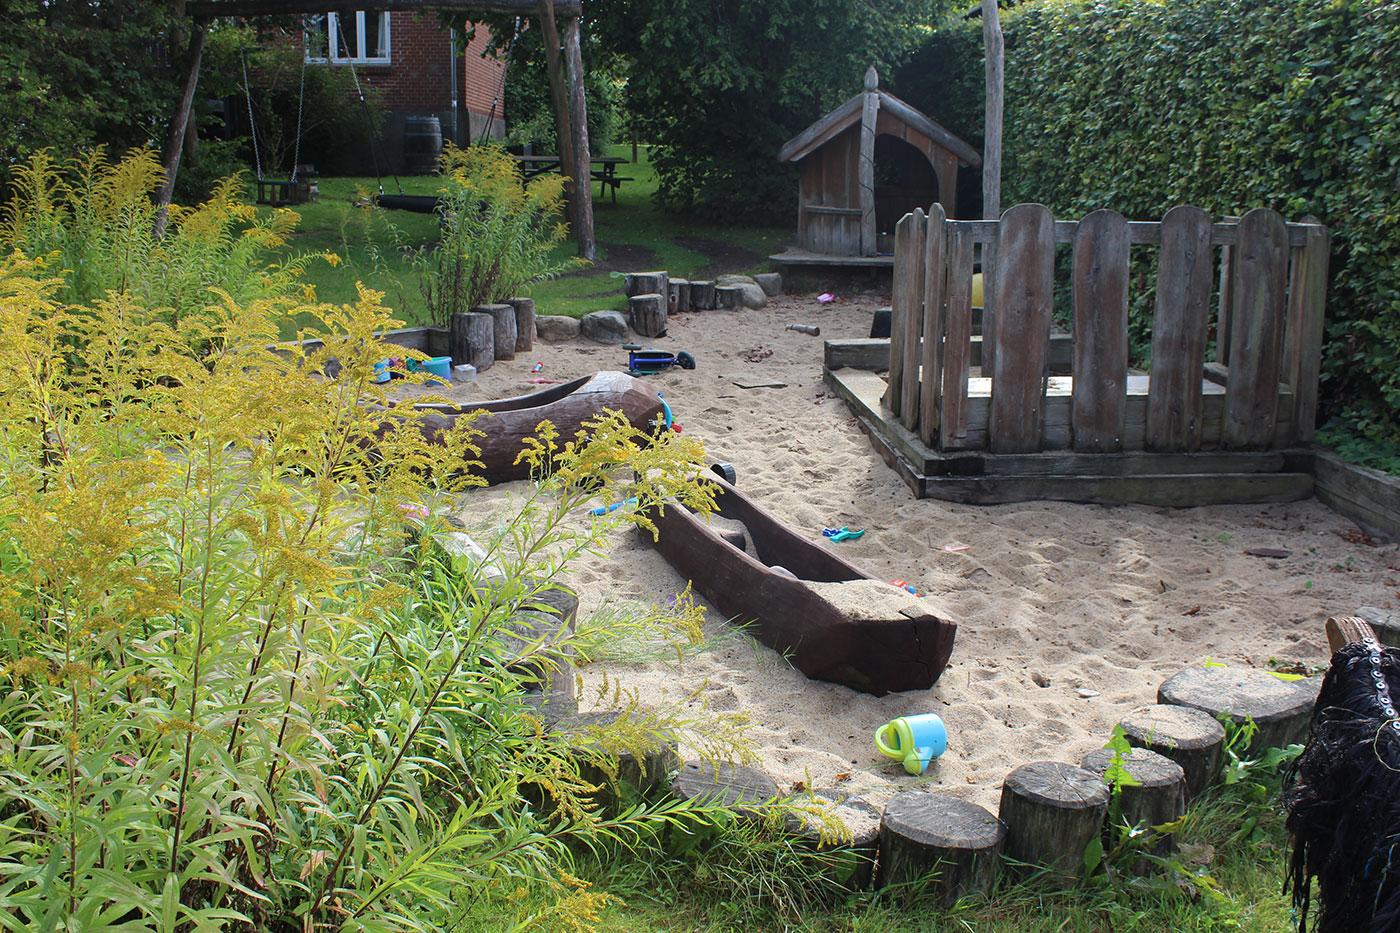 Legeplads i indrammet sandområde. På legepladsen er et legehus i træ og to kanoer i træ. Der ligger legetøj i sandet.